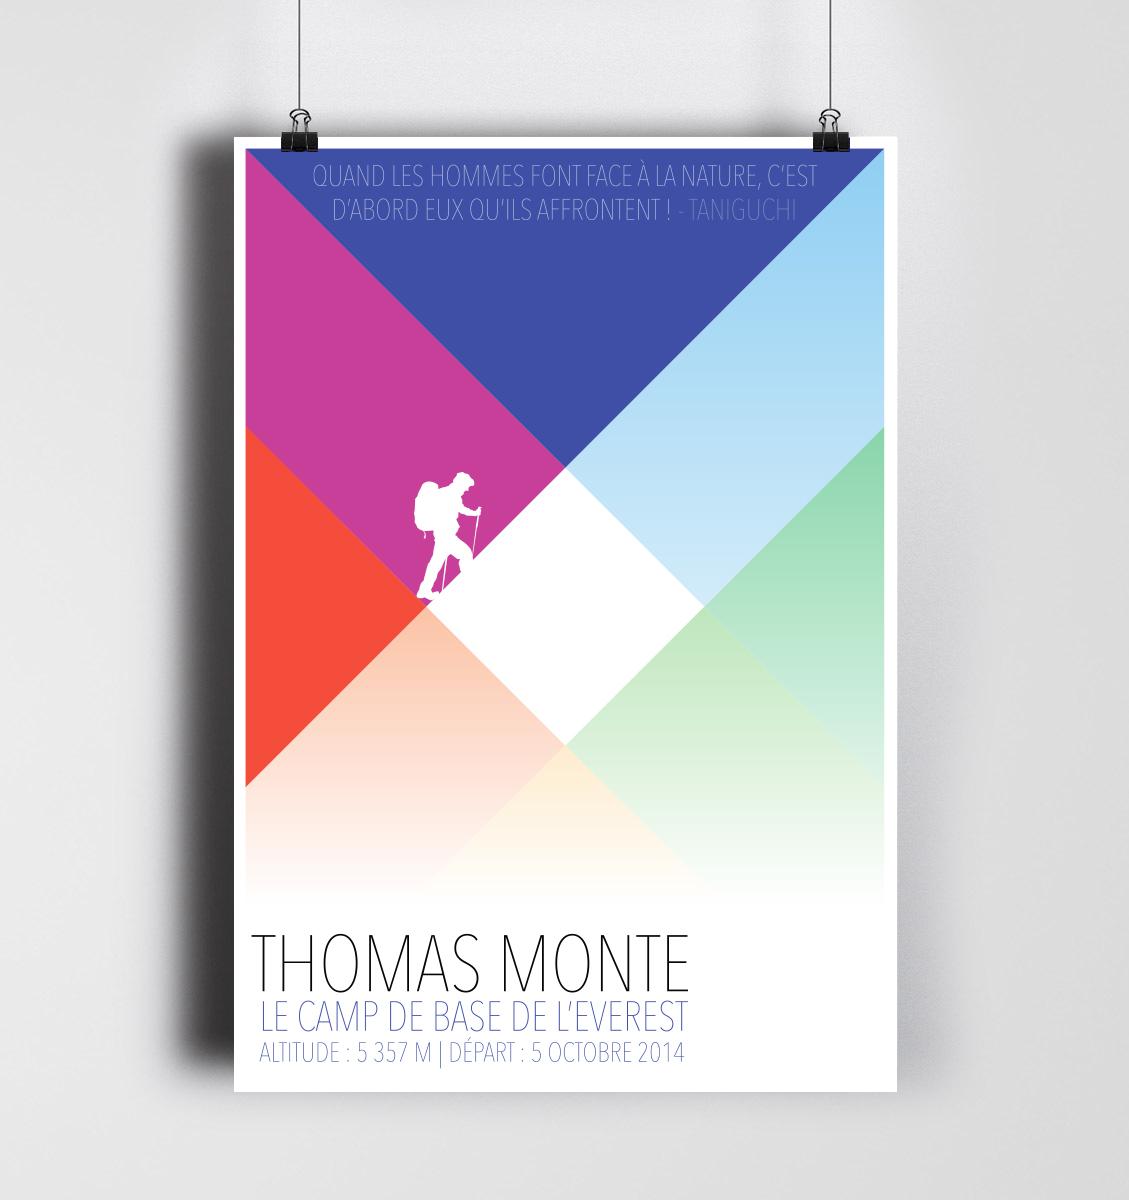 Img_ThomasMonte